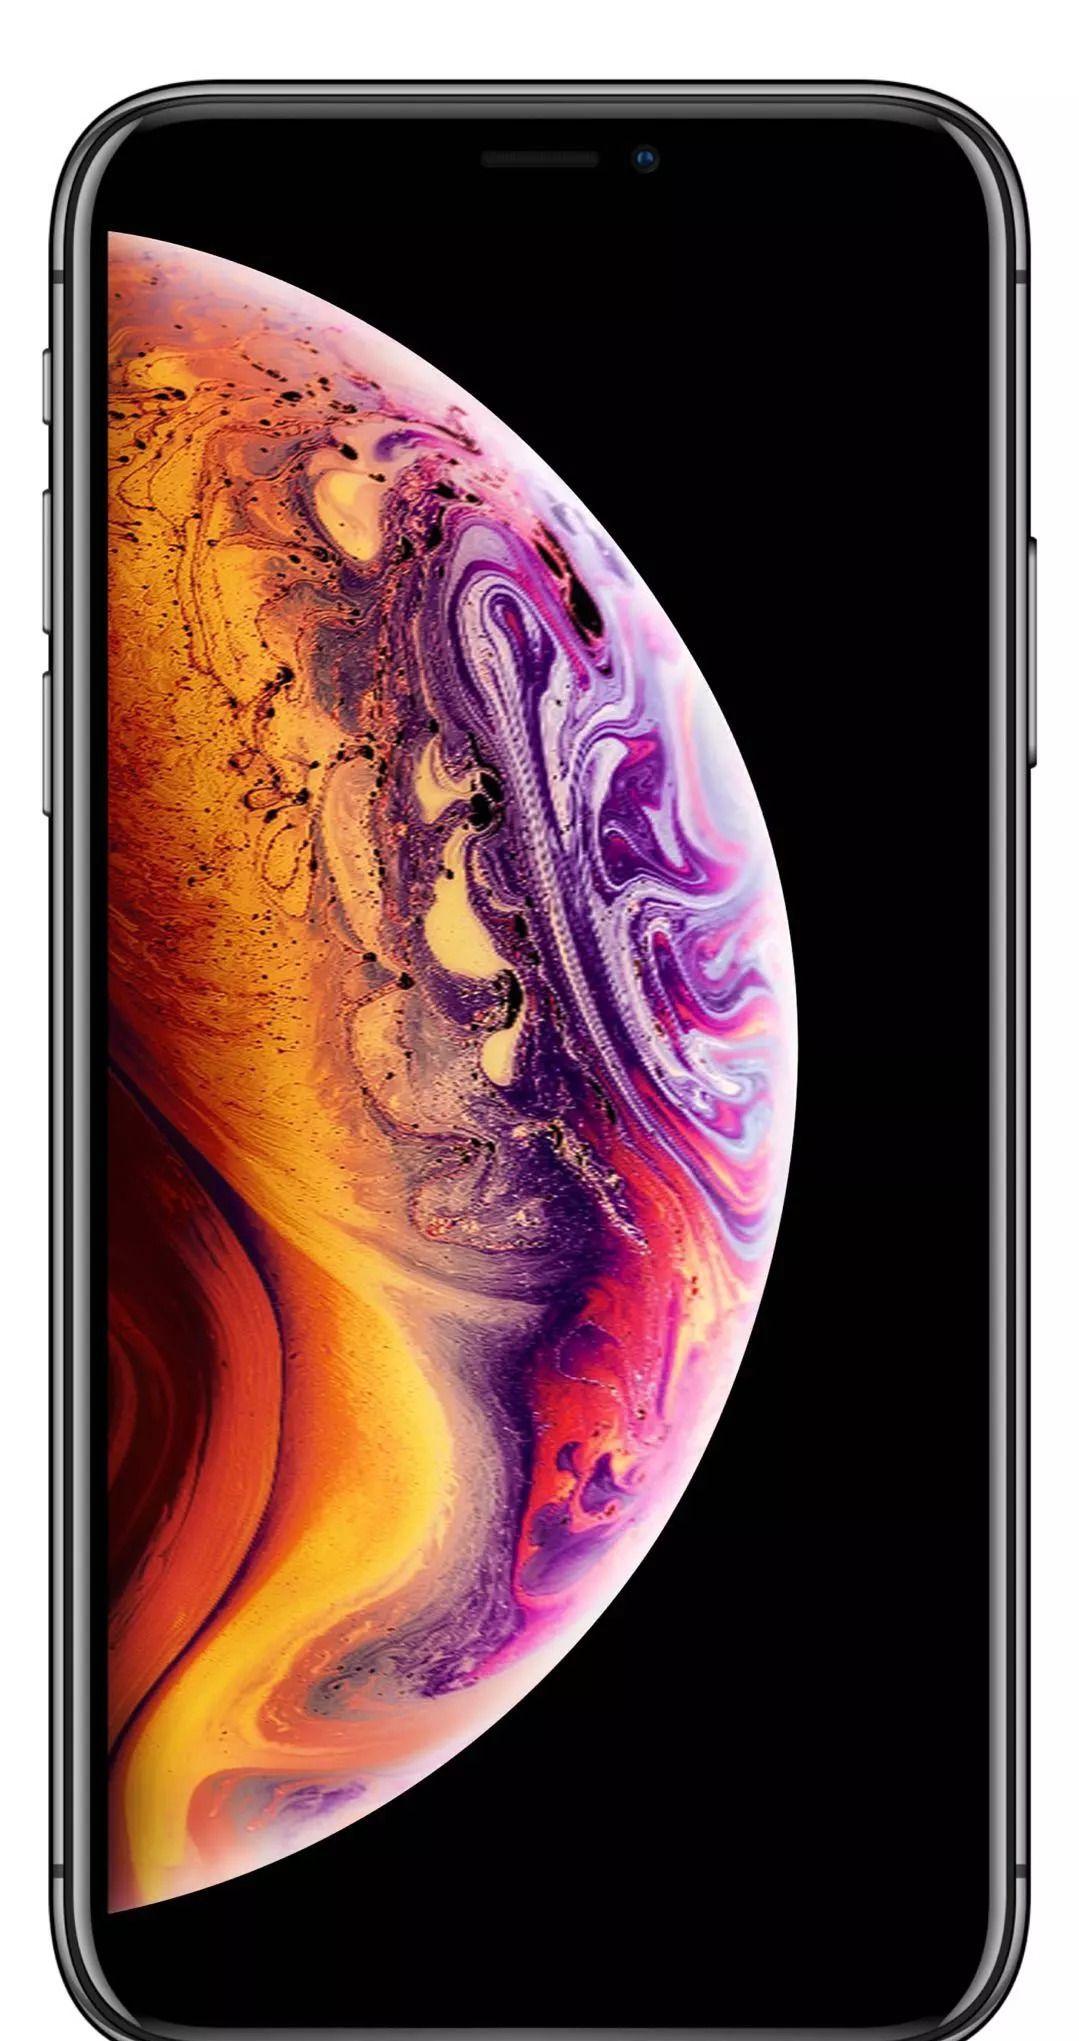 苹果向中国市场低头!所有iphone机型降价超1500元!